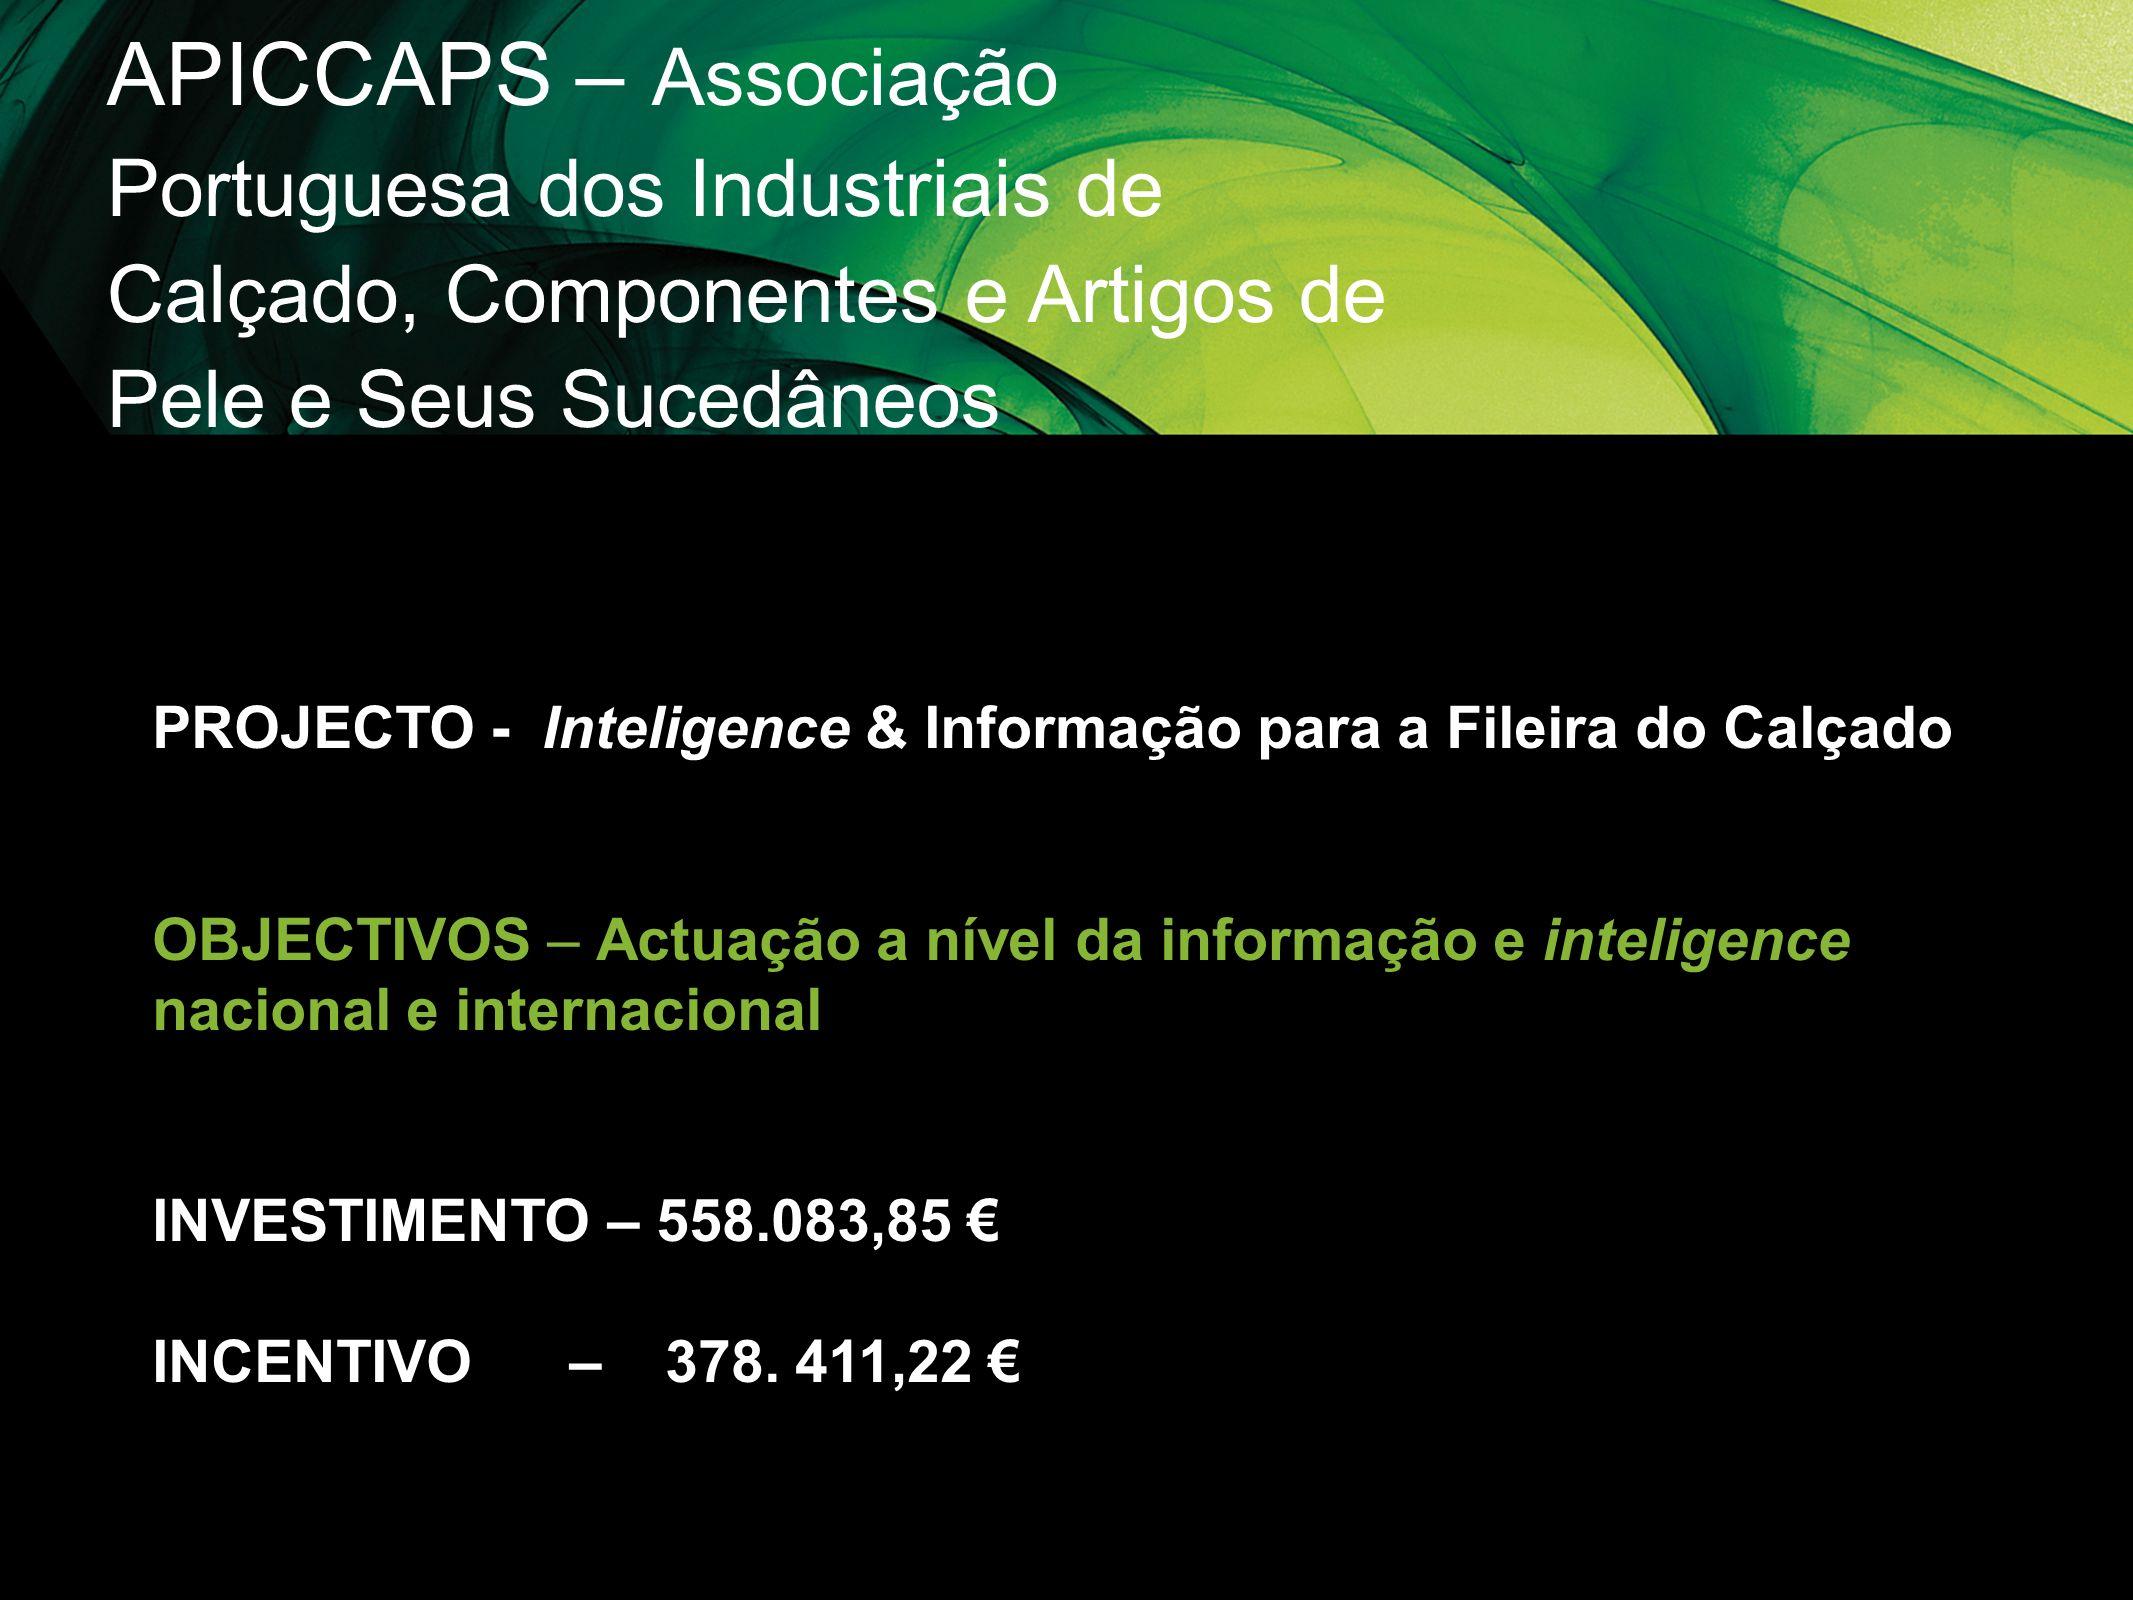 APICCAPS – Associação Portuguesa dos Industriais de Calçado, Componentes e Artigos de Pele e Seus Sucedâneos PROJECTO - Inteligence & Informação para